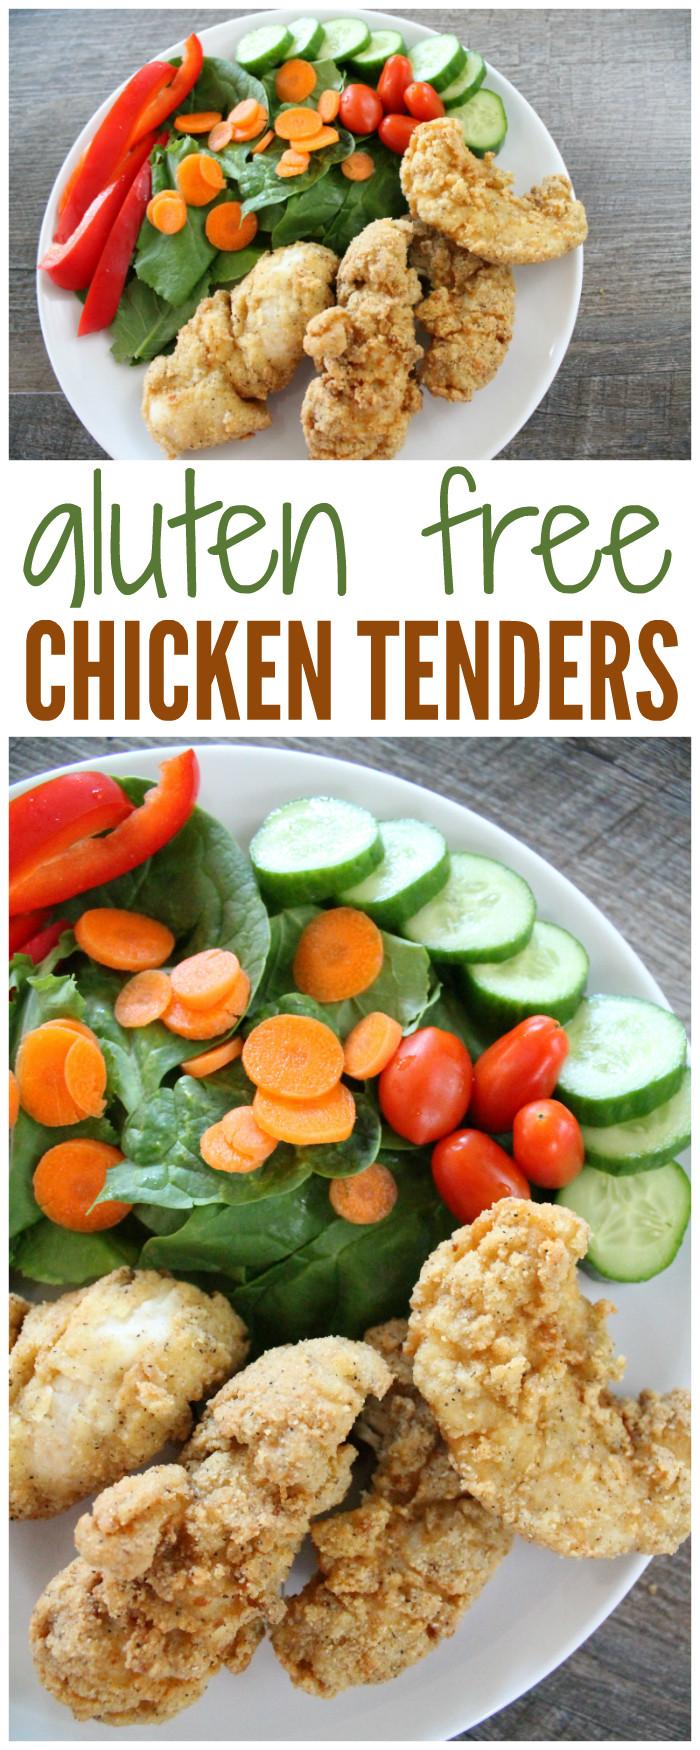 Almond Flour Chicken Tenders  Gluten Free Chicken Tenders Recipe made with Almond Flour